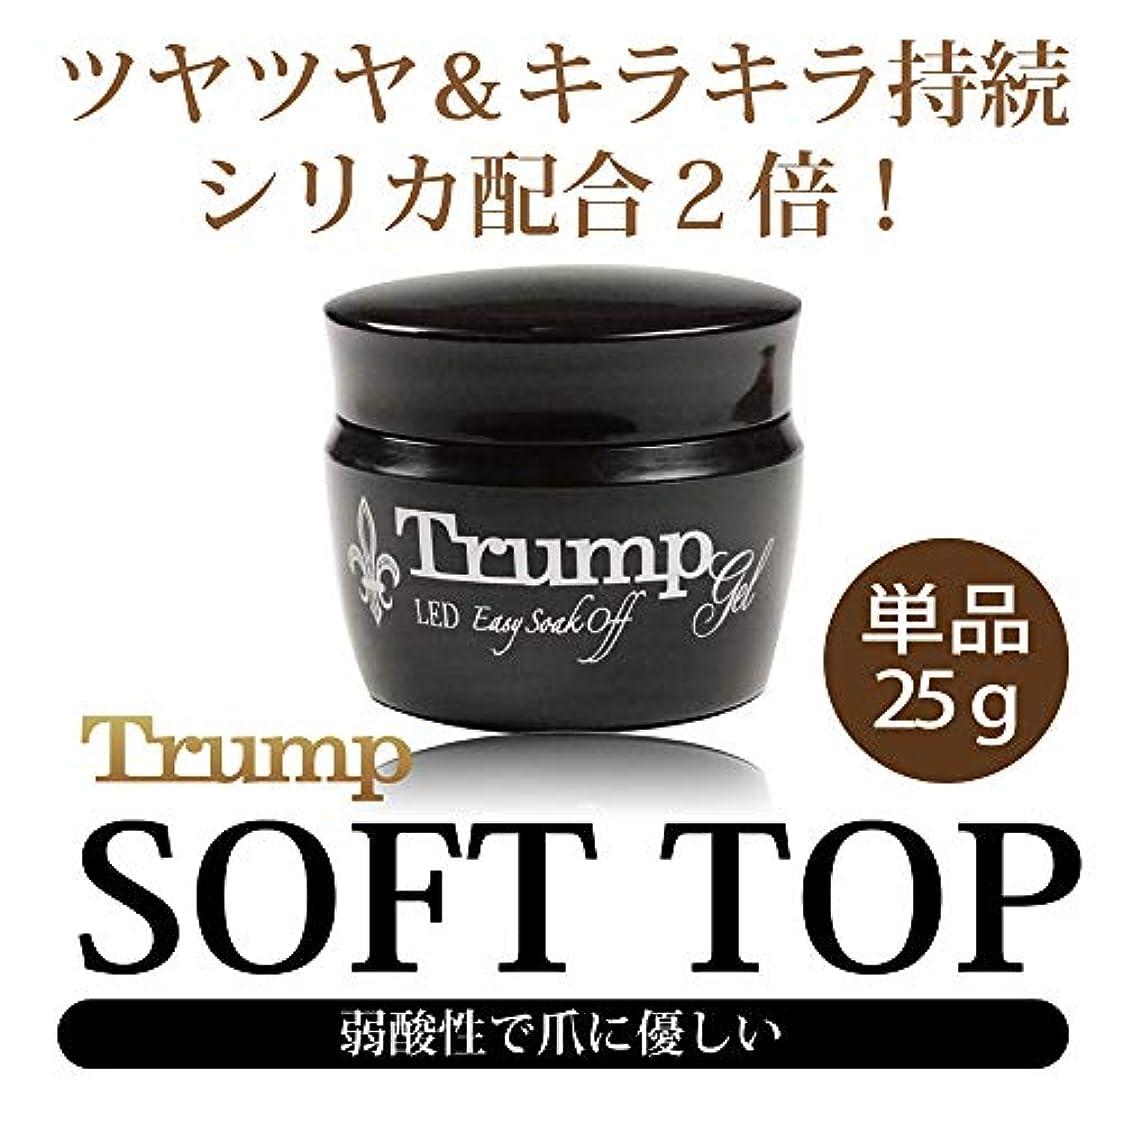 痴漢不定服を洗うTrump ソフトクリアージェル 25g